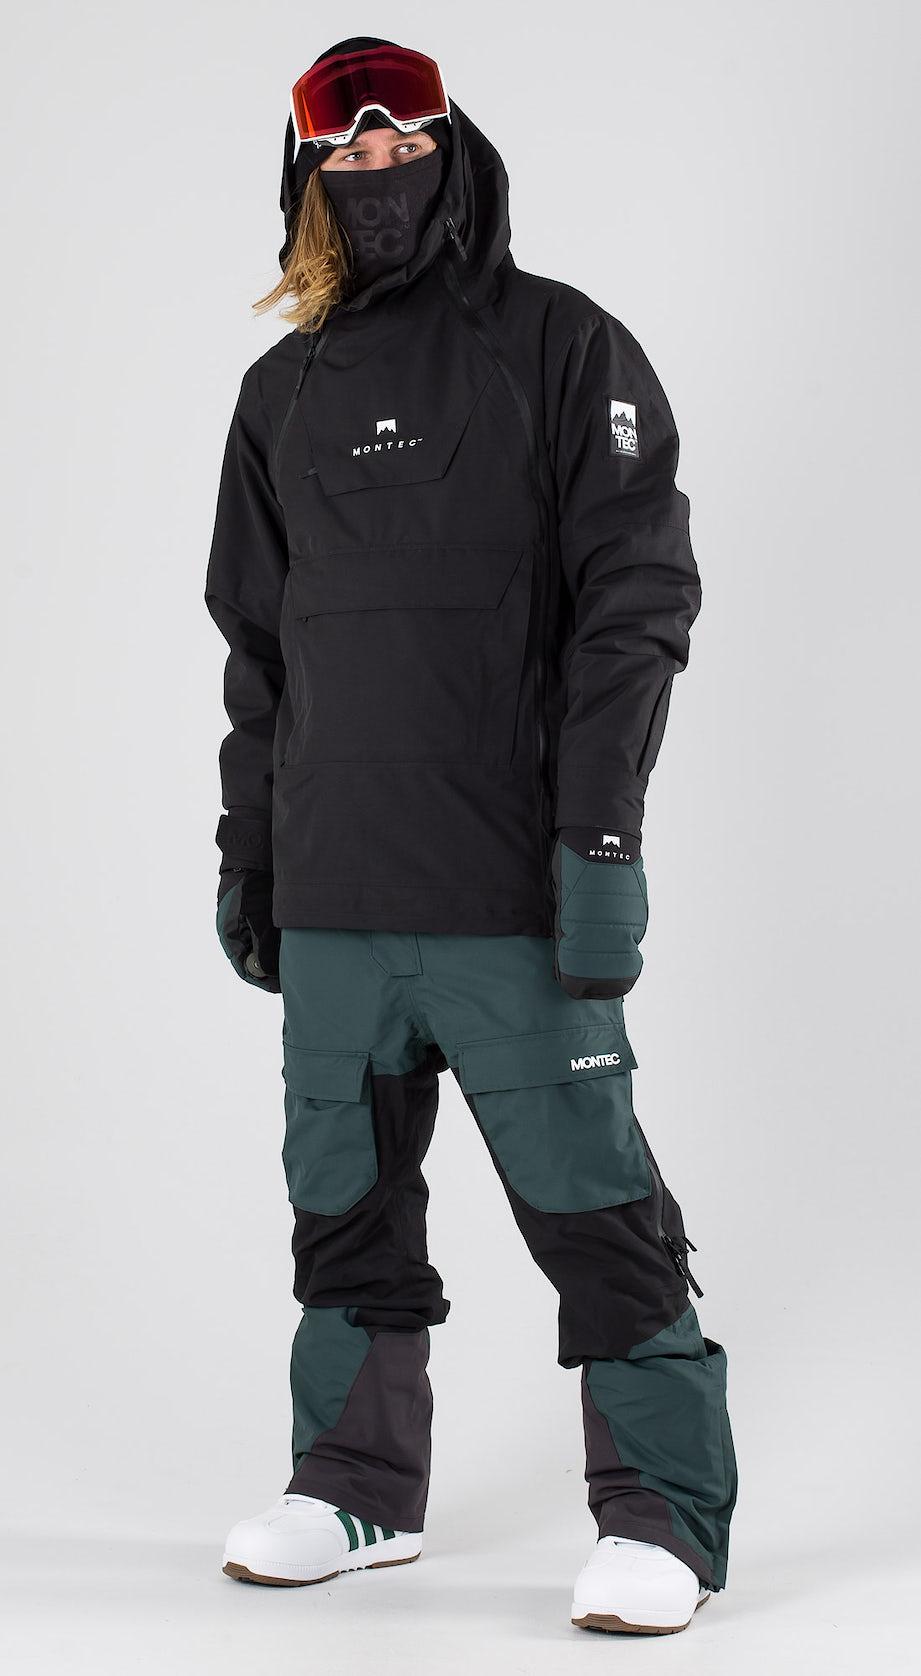 Montec Doom Black Snowboard clothing Multi